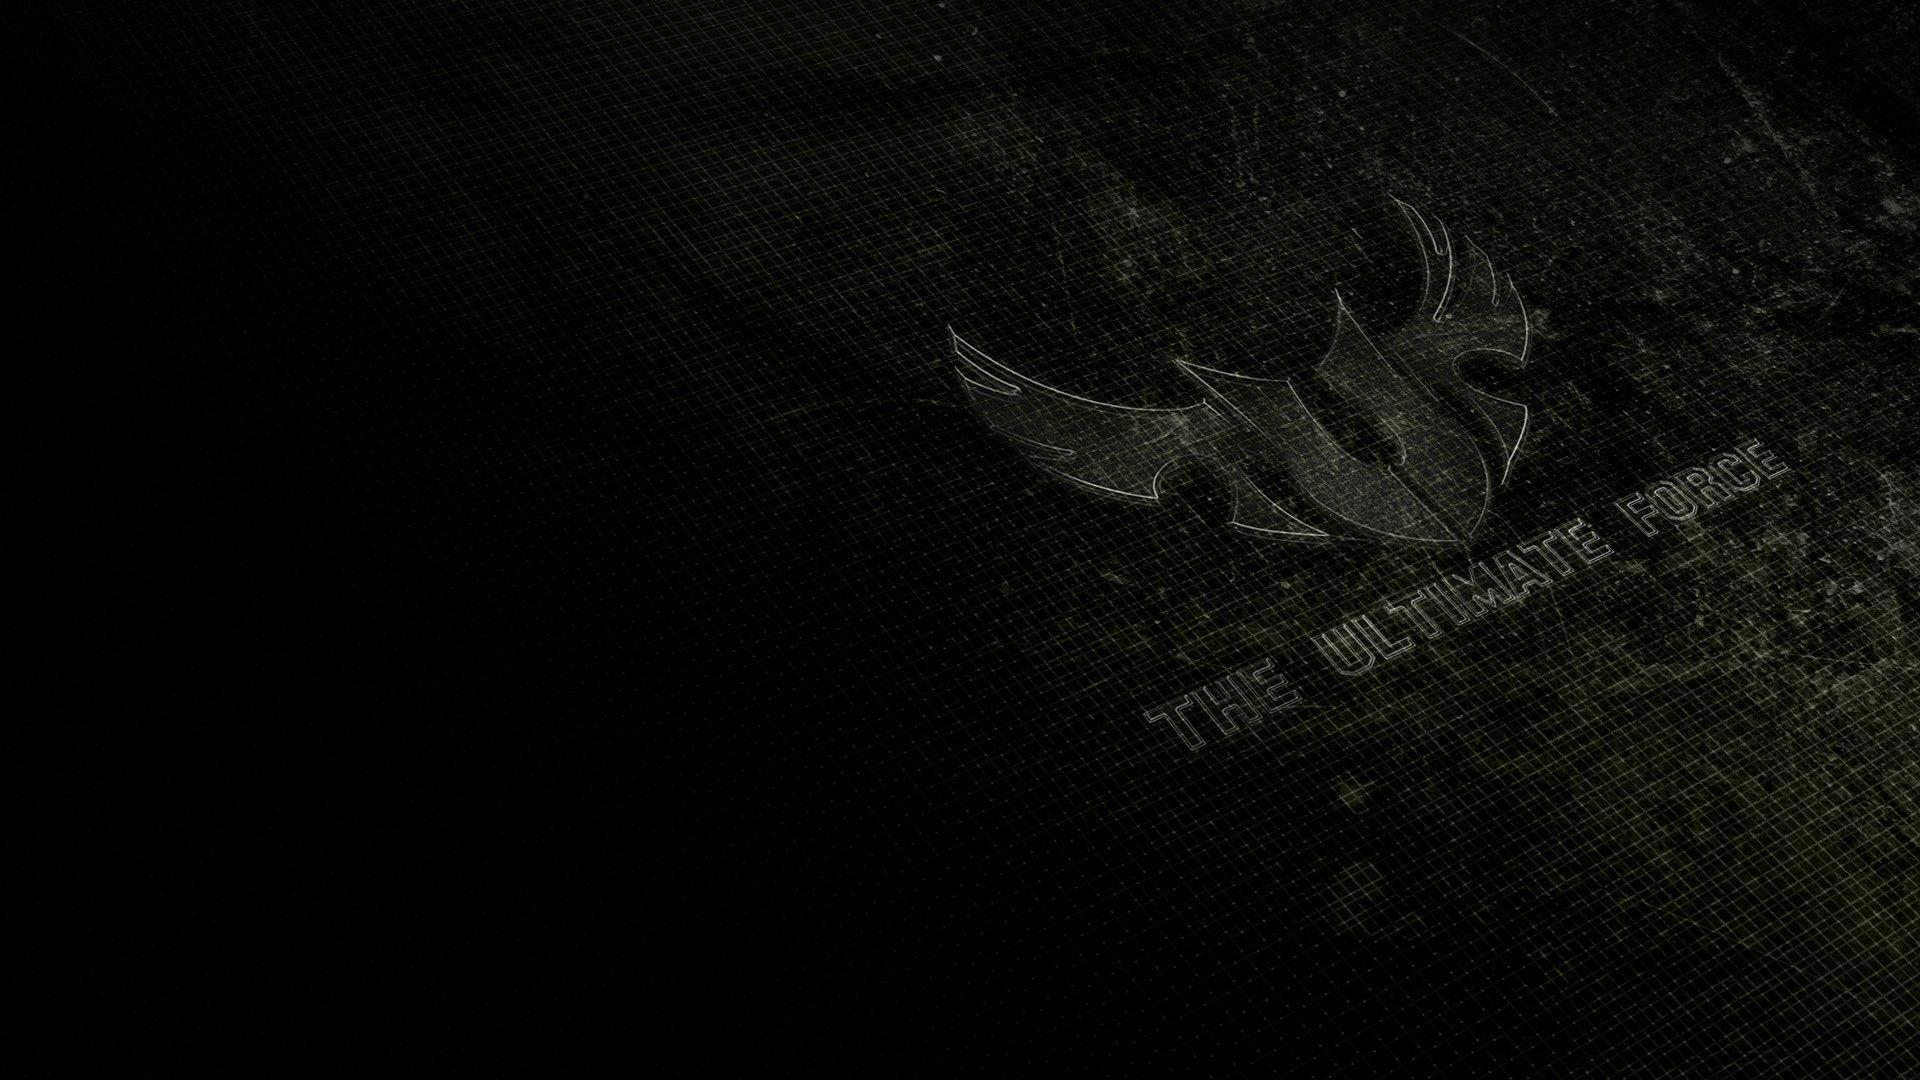 Unduh 6000+ Wallpaper Asus Tuf Gaming HD Paling Keren